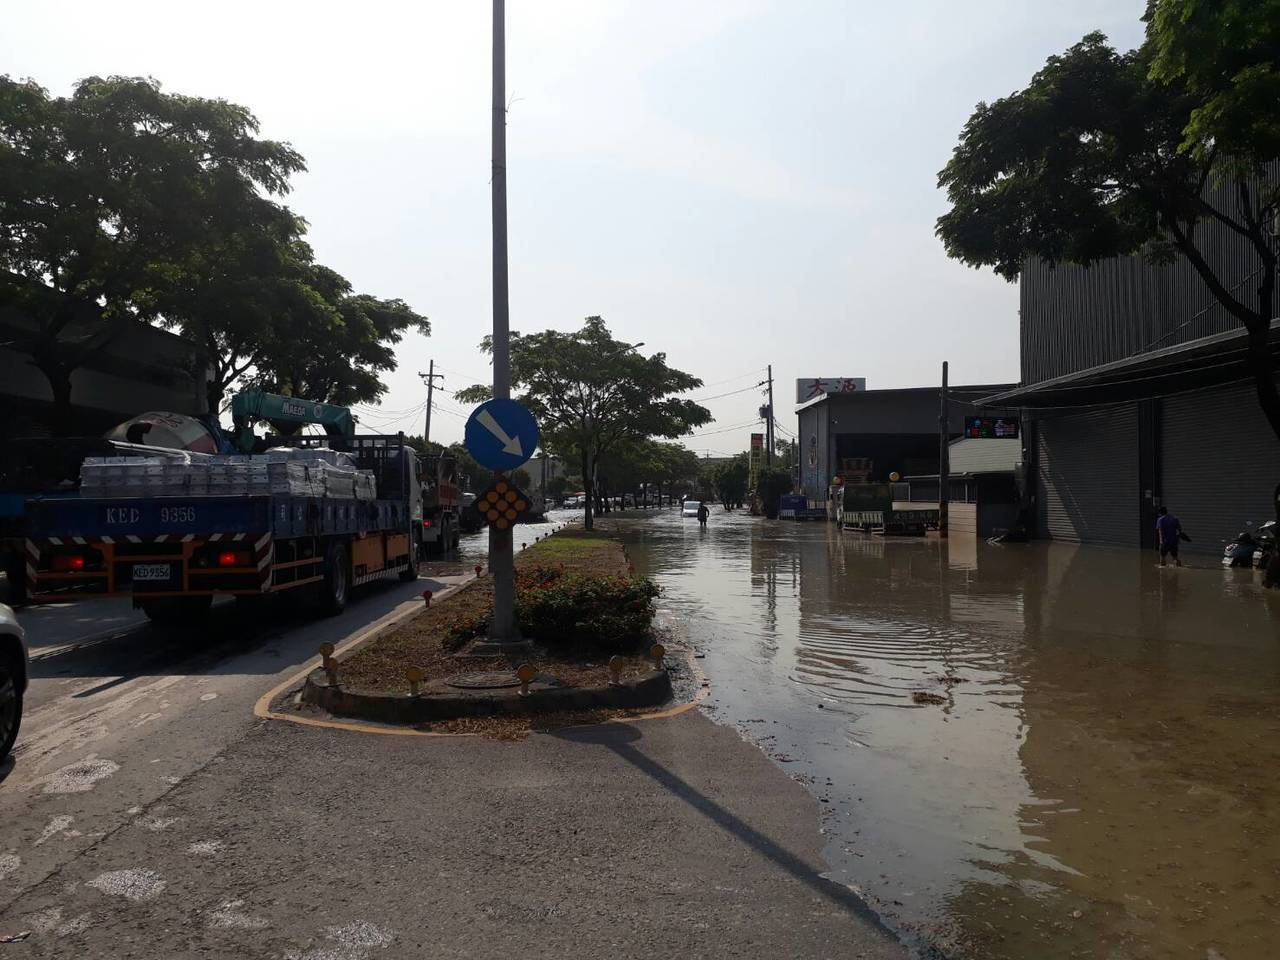 高雄市鳥松區神農路發生自來水管線破裂,路面積水宛如大雨來襲。記者徐白櫻/翻攝